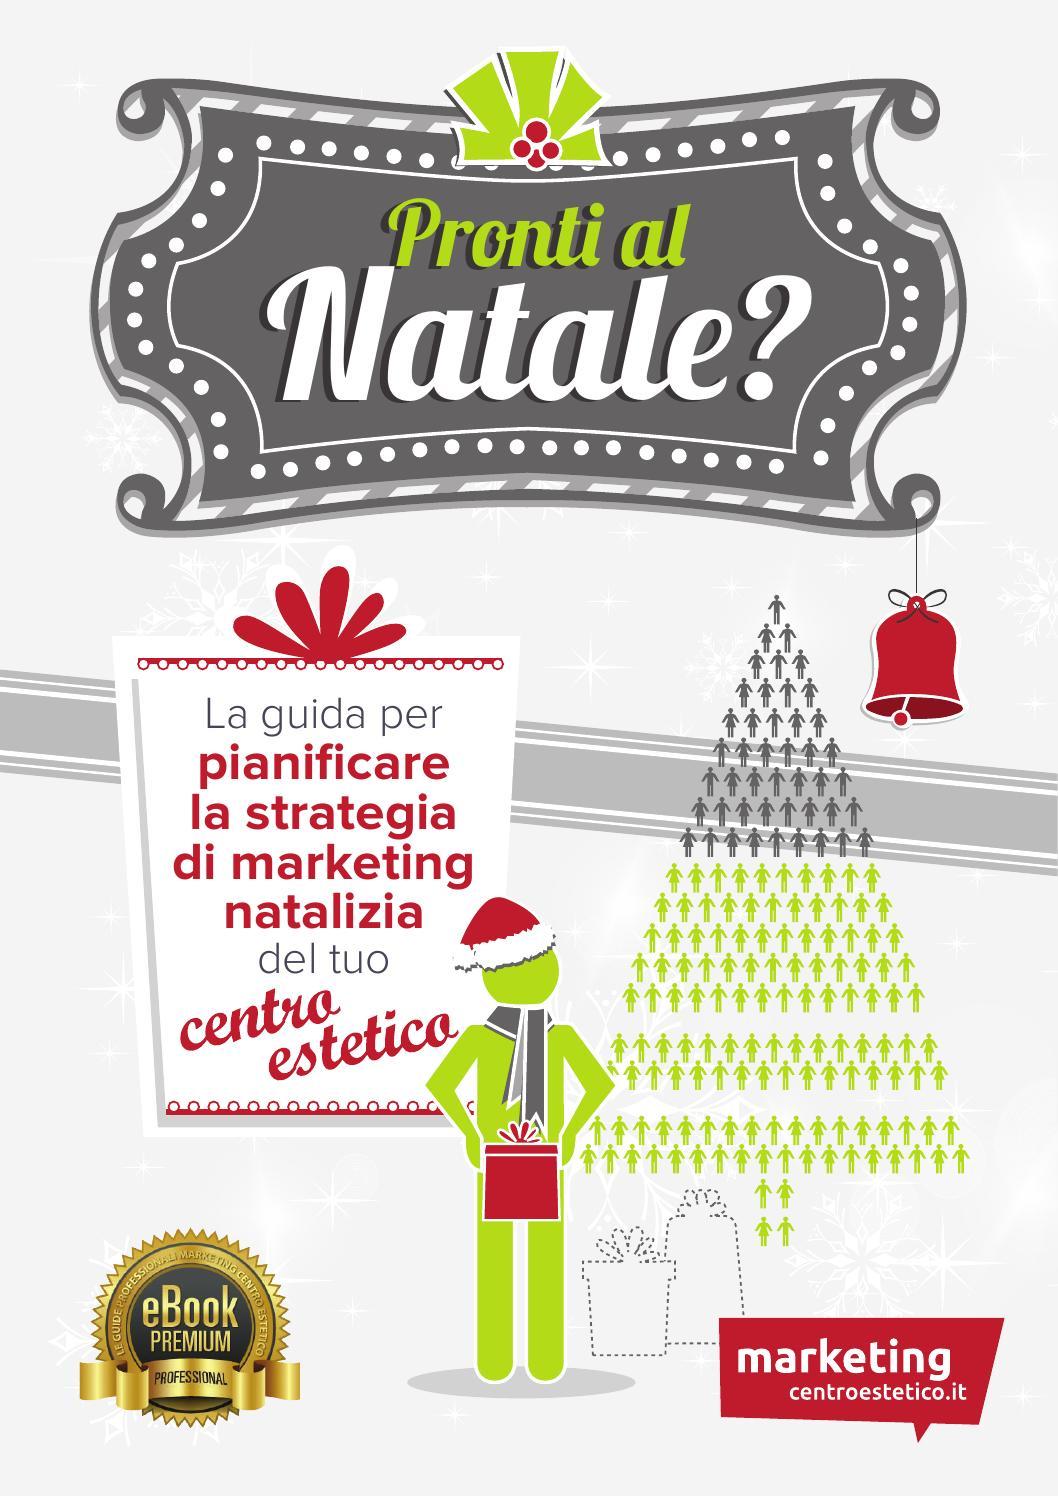 Famoso Strategie di Marketing di Natale per il Centro Estetico by  GY13